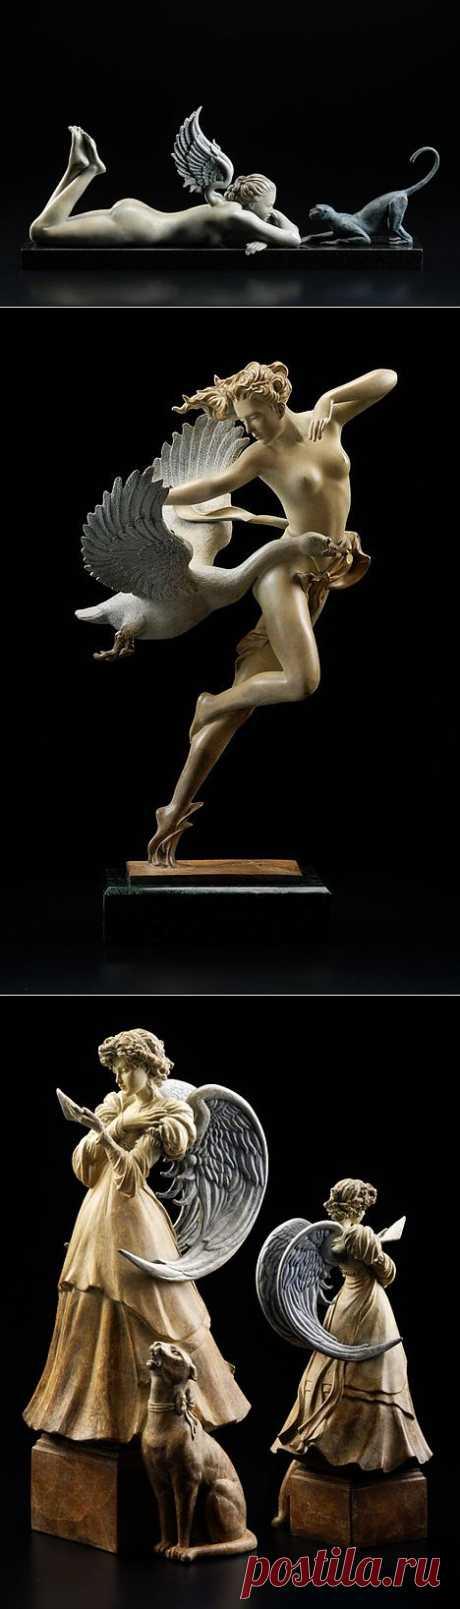 (+1) тема - Michael Parkes | Искусство